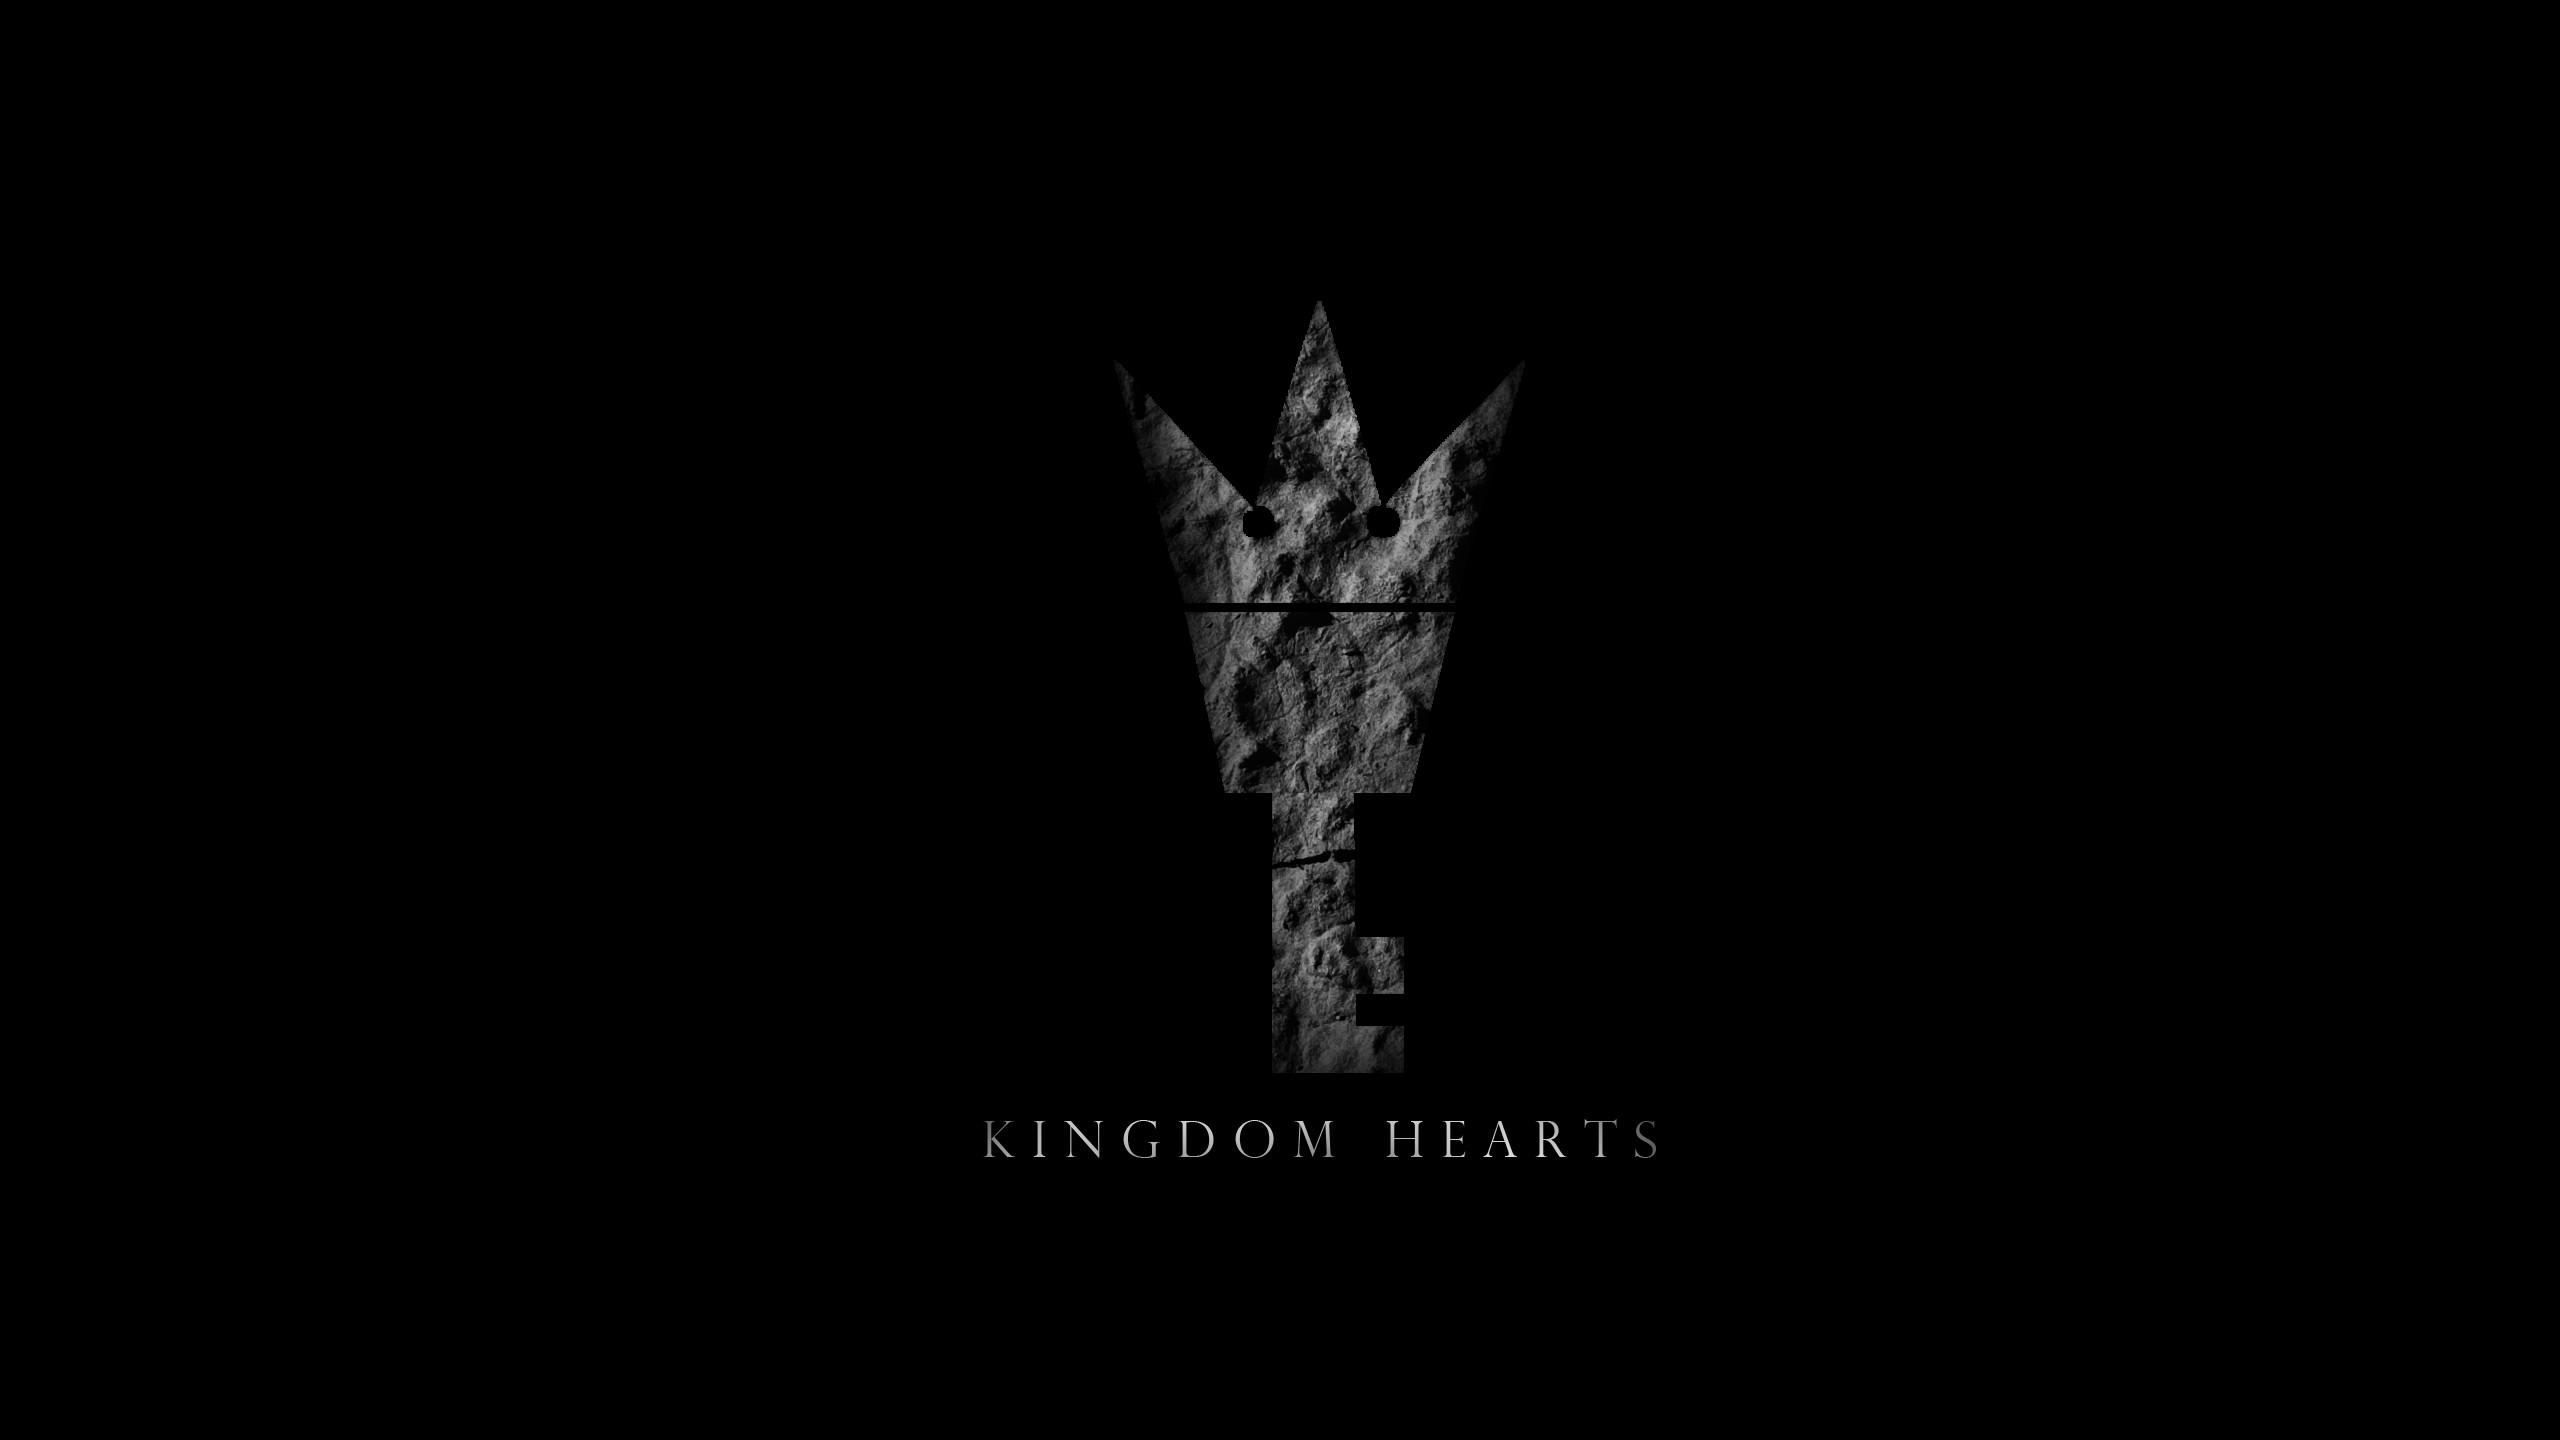 Kingdom Hearts Keyblade High Quality #5404342, Pearle Gantz